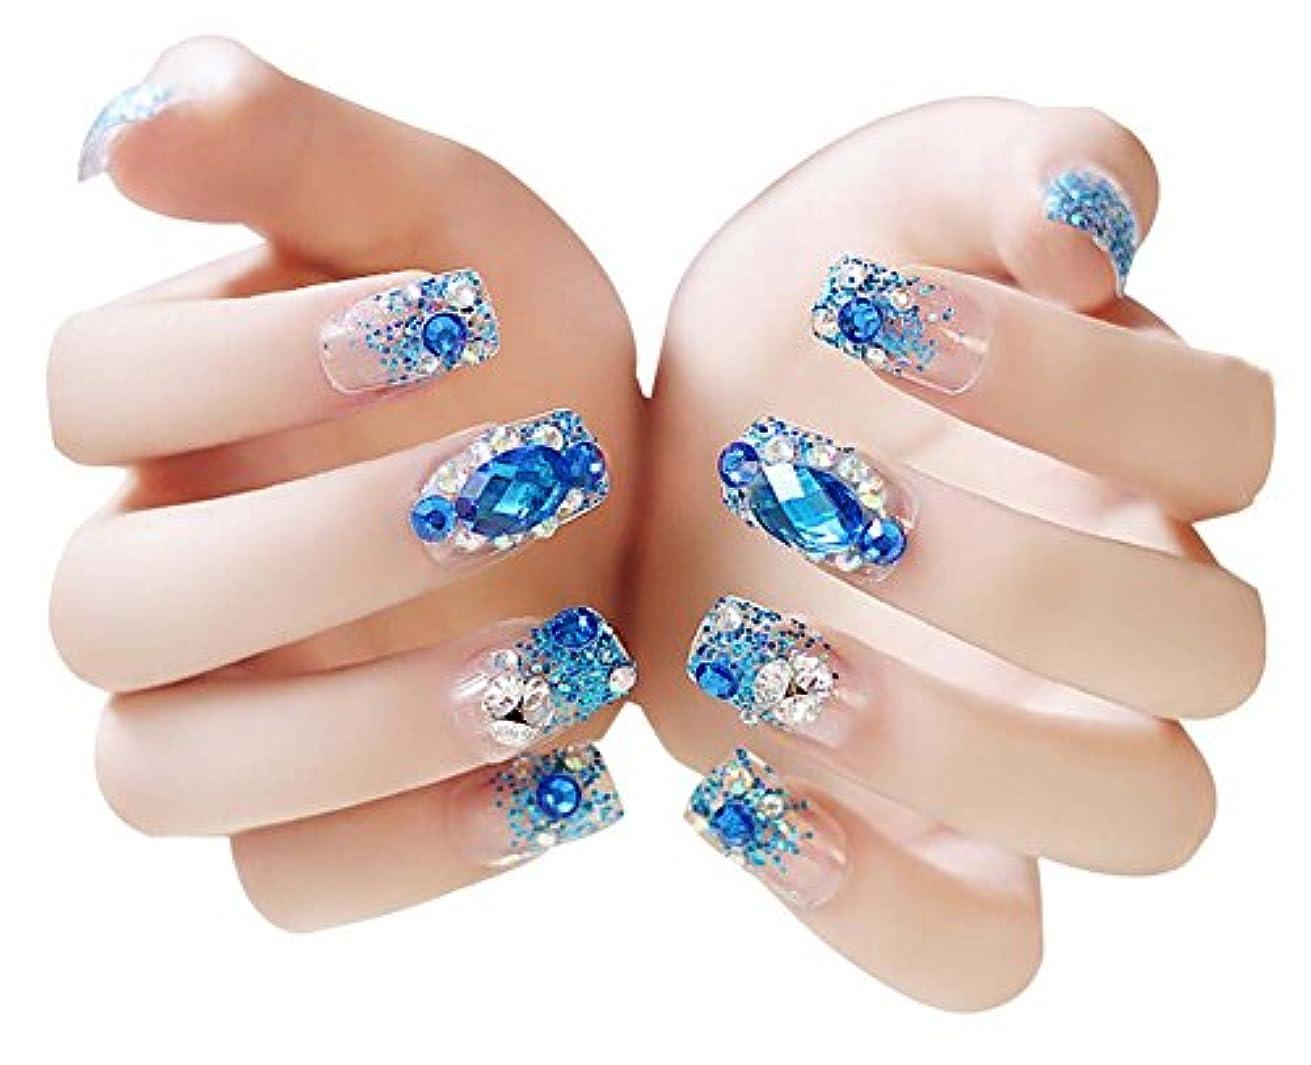 共産主義者論文マージ美しいブルーのラインストーンの結婚式の偽の爪クリスタル偽のネイルアートセット、2パック - 48枚